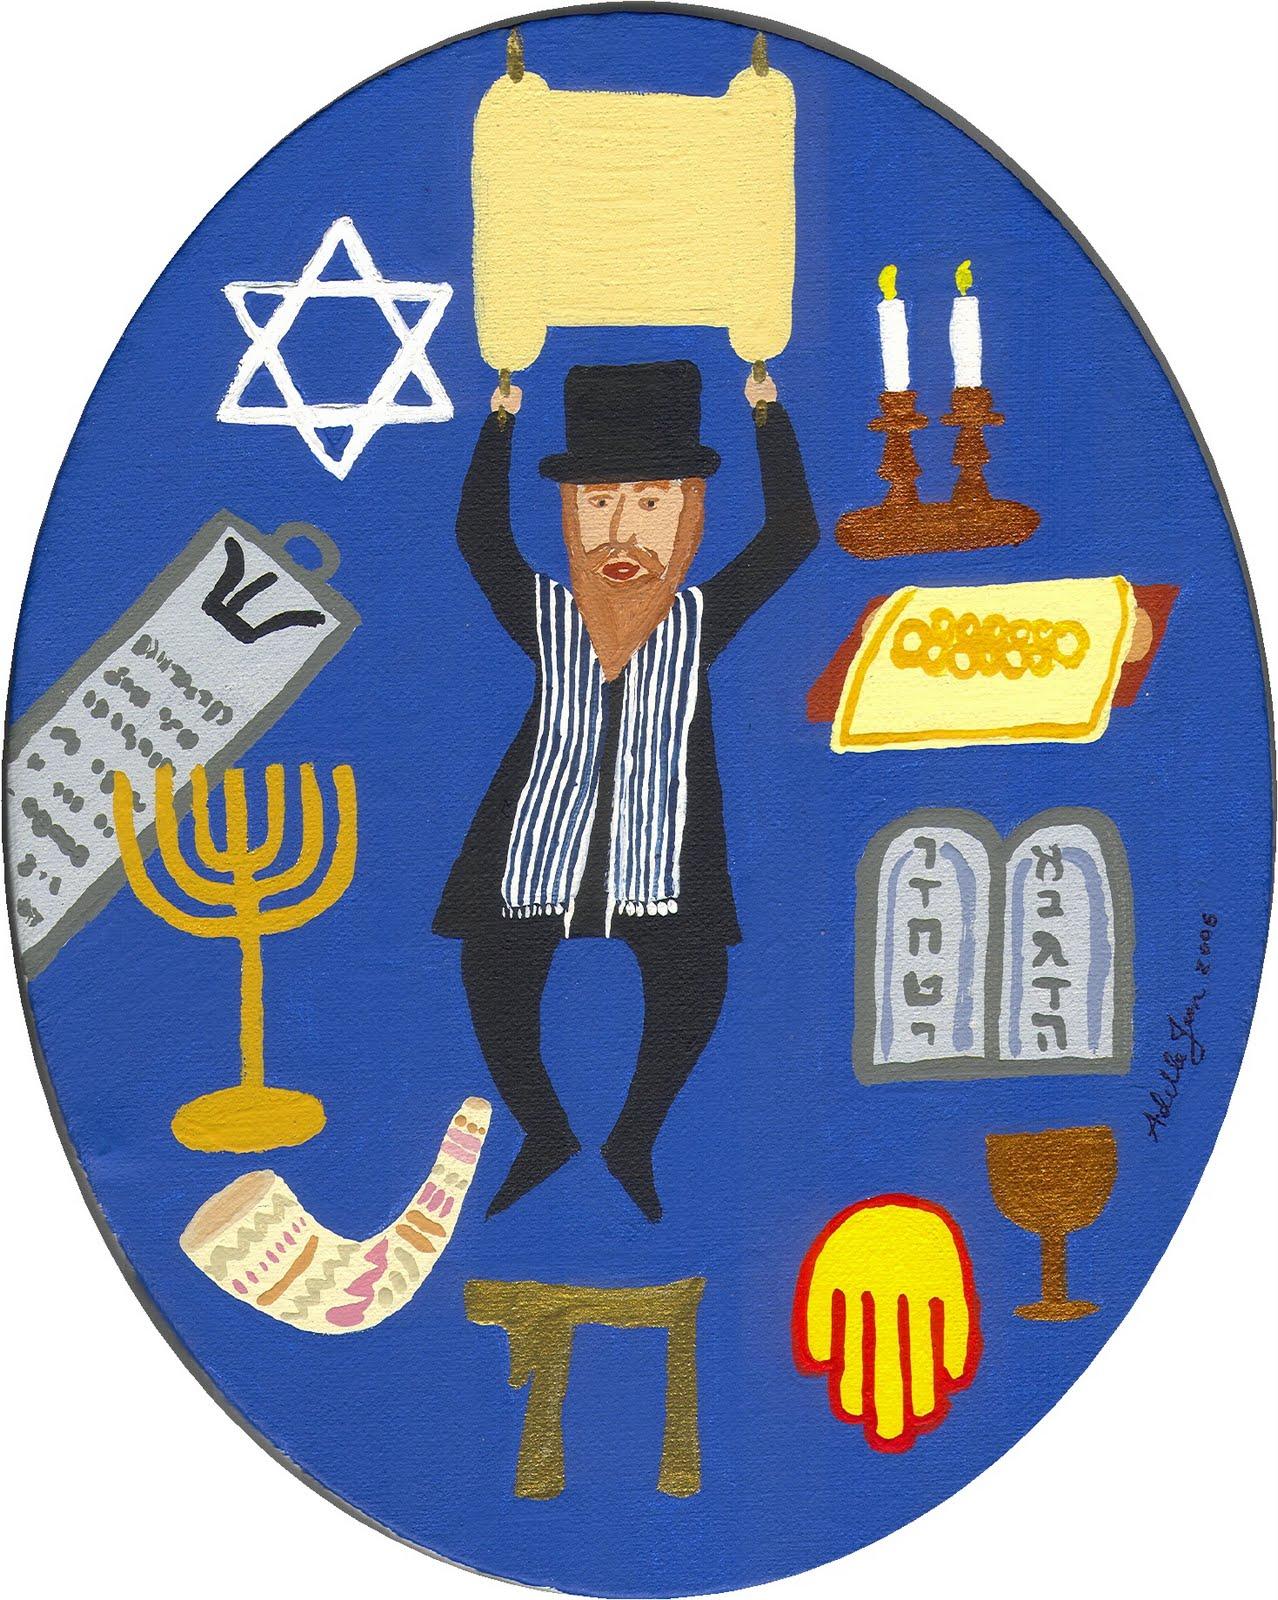 еврейские атрибуты картинки могут спать стоя